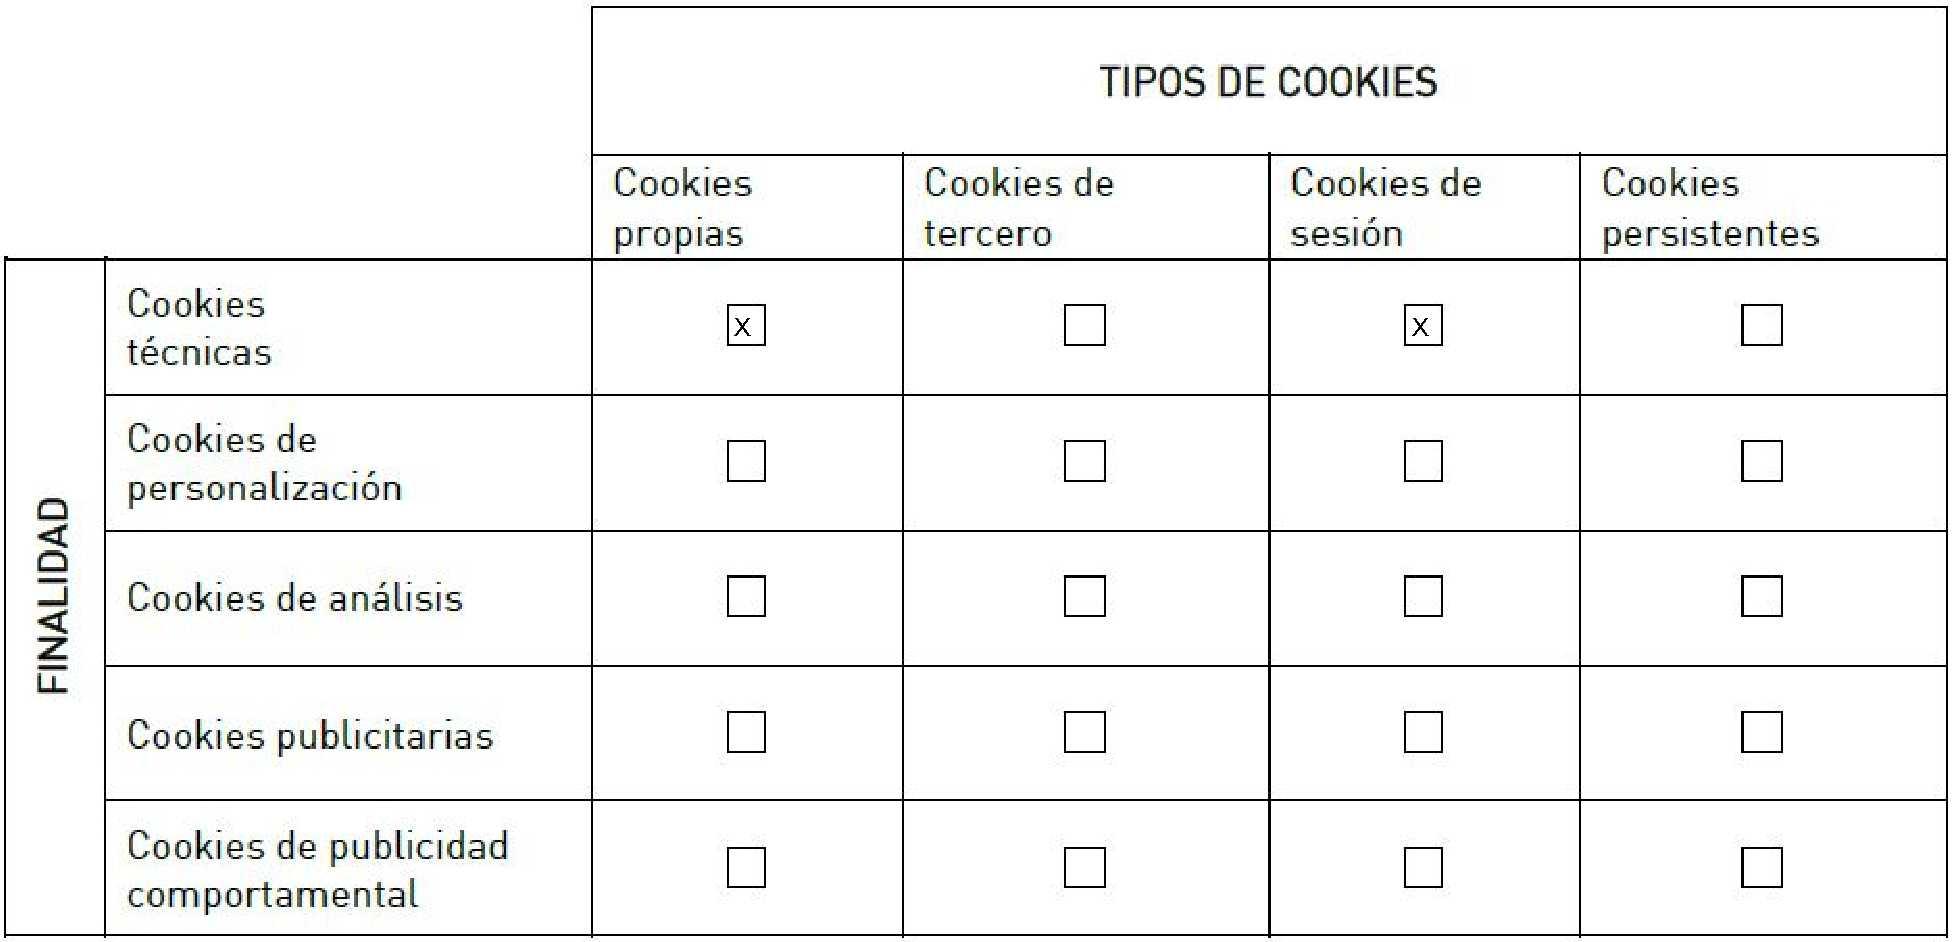 Tipos de cookies2